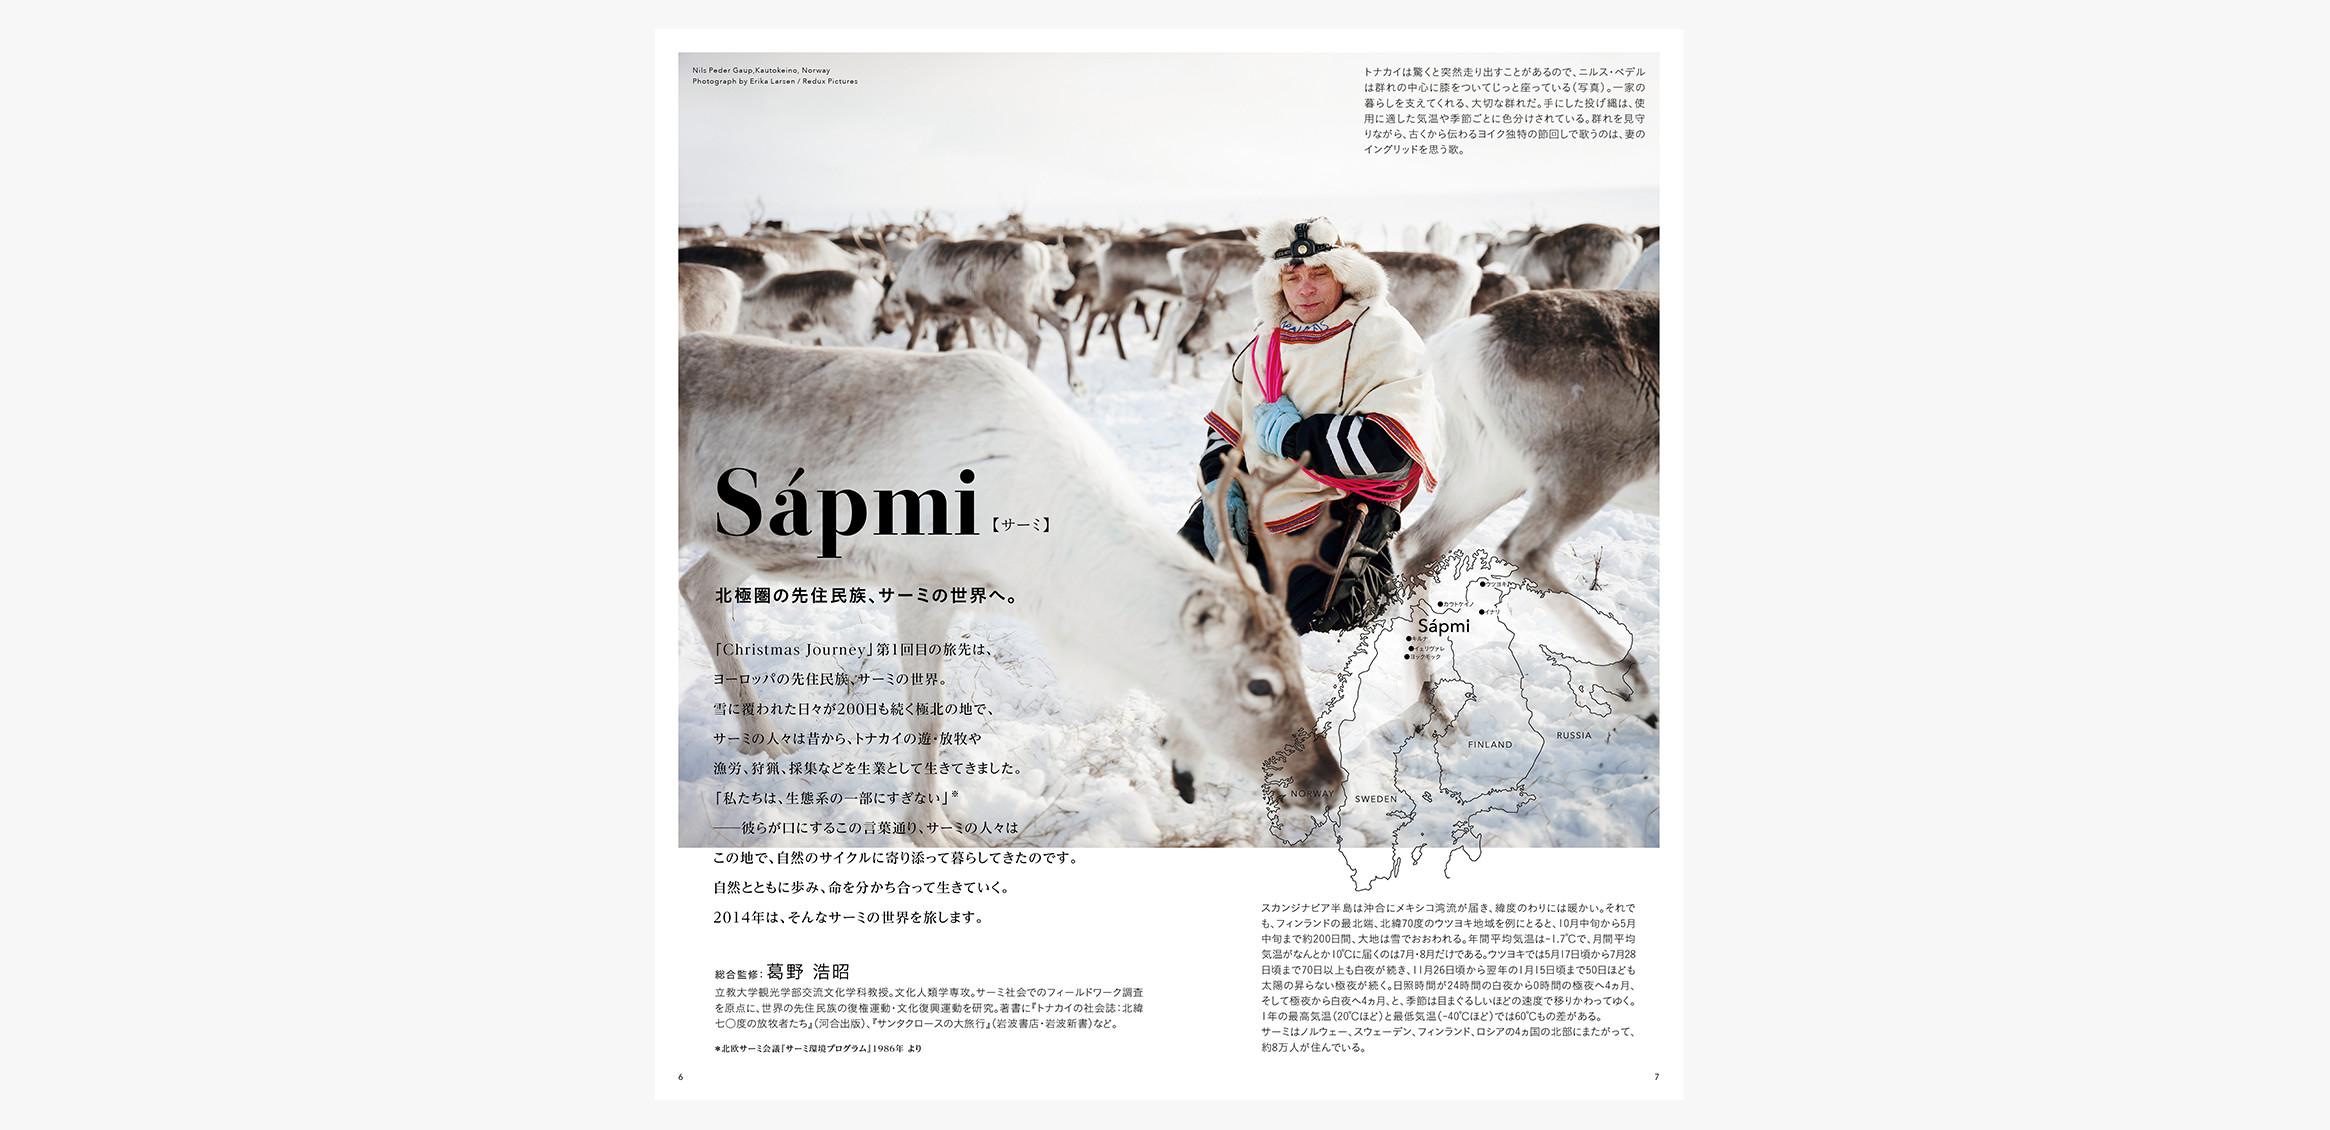 伊勢丹クリスマスキャンペーン2014 リーフレット3枚目